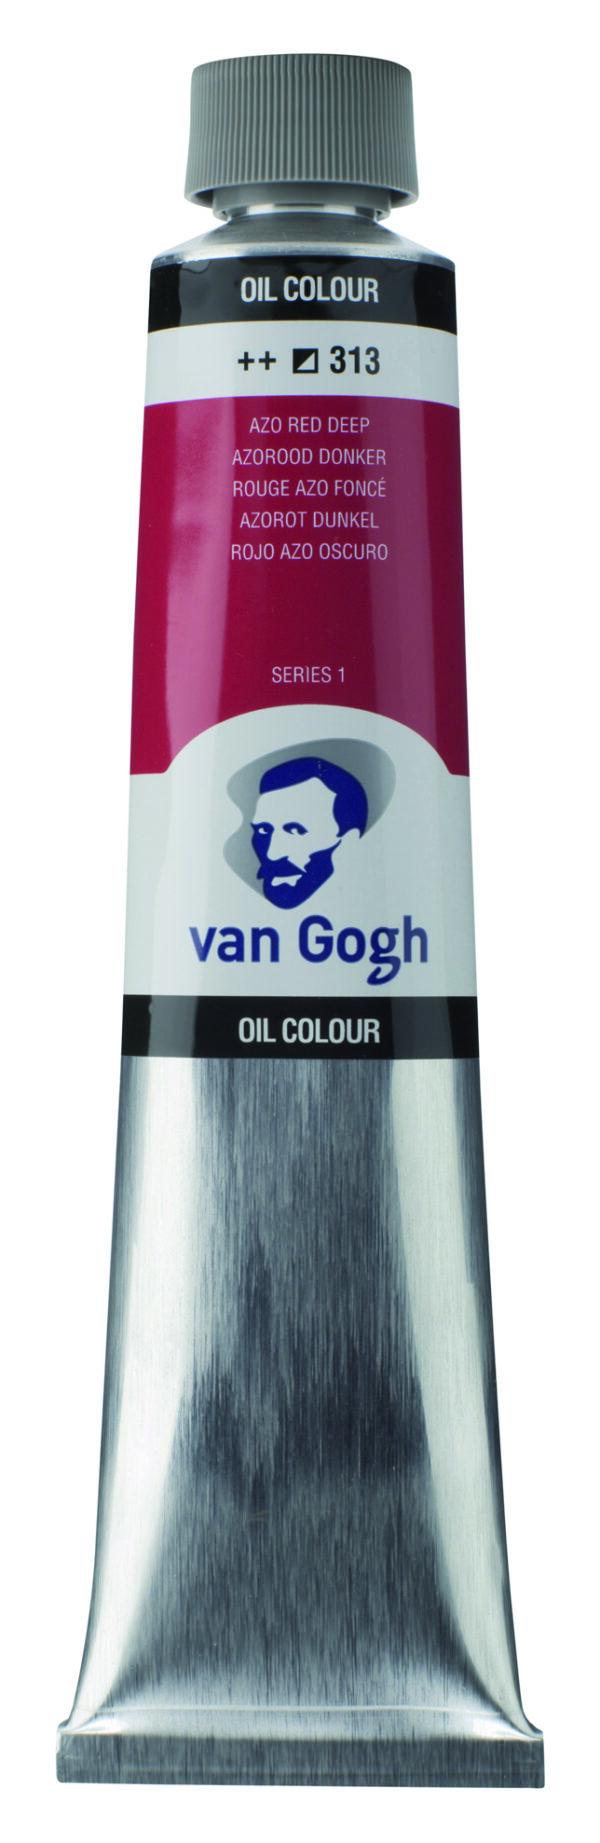 Van Gogh 313 Azo red Deep - 200 ml